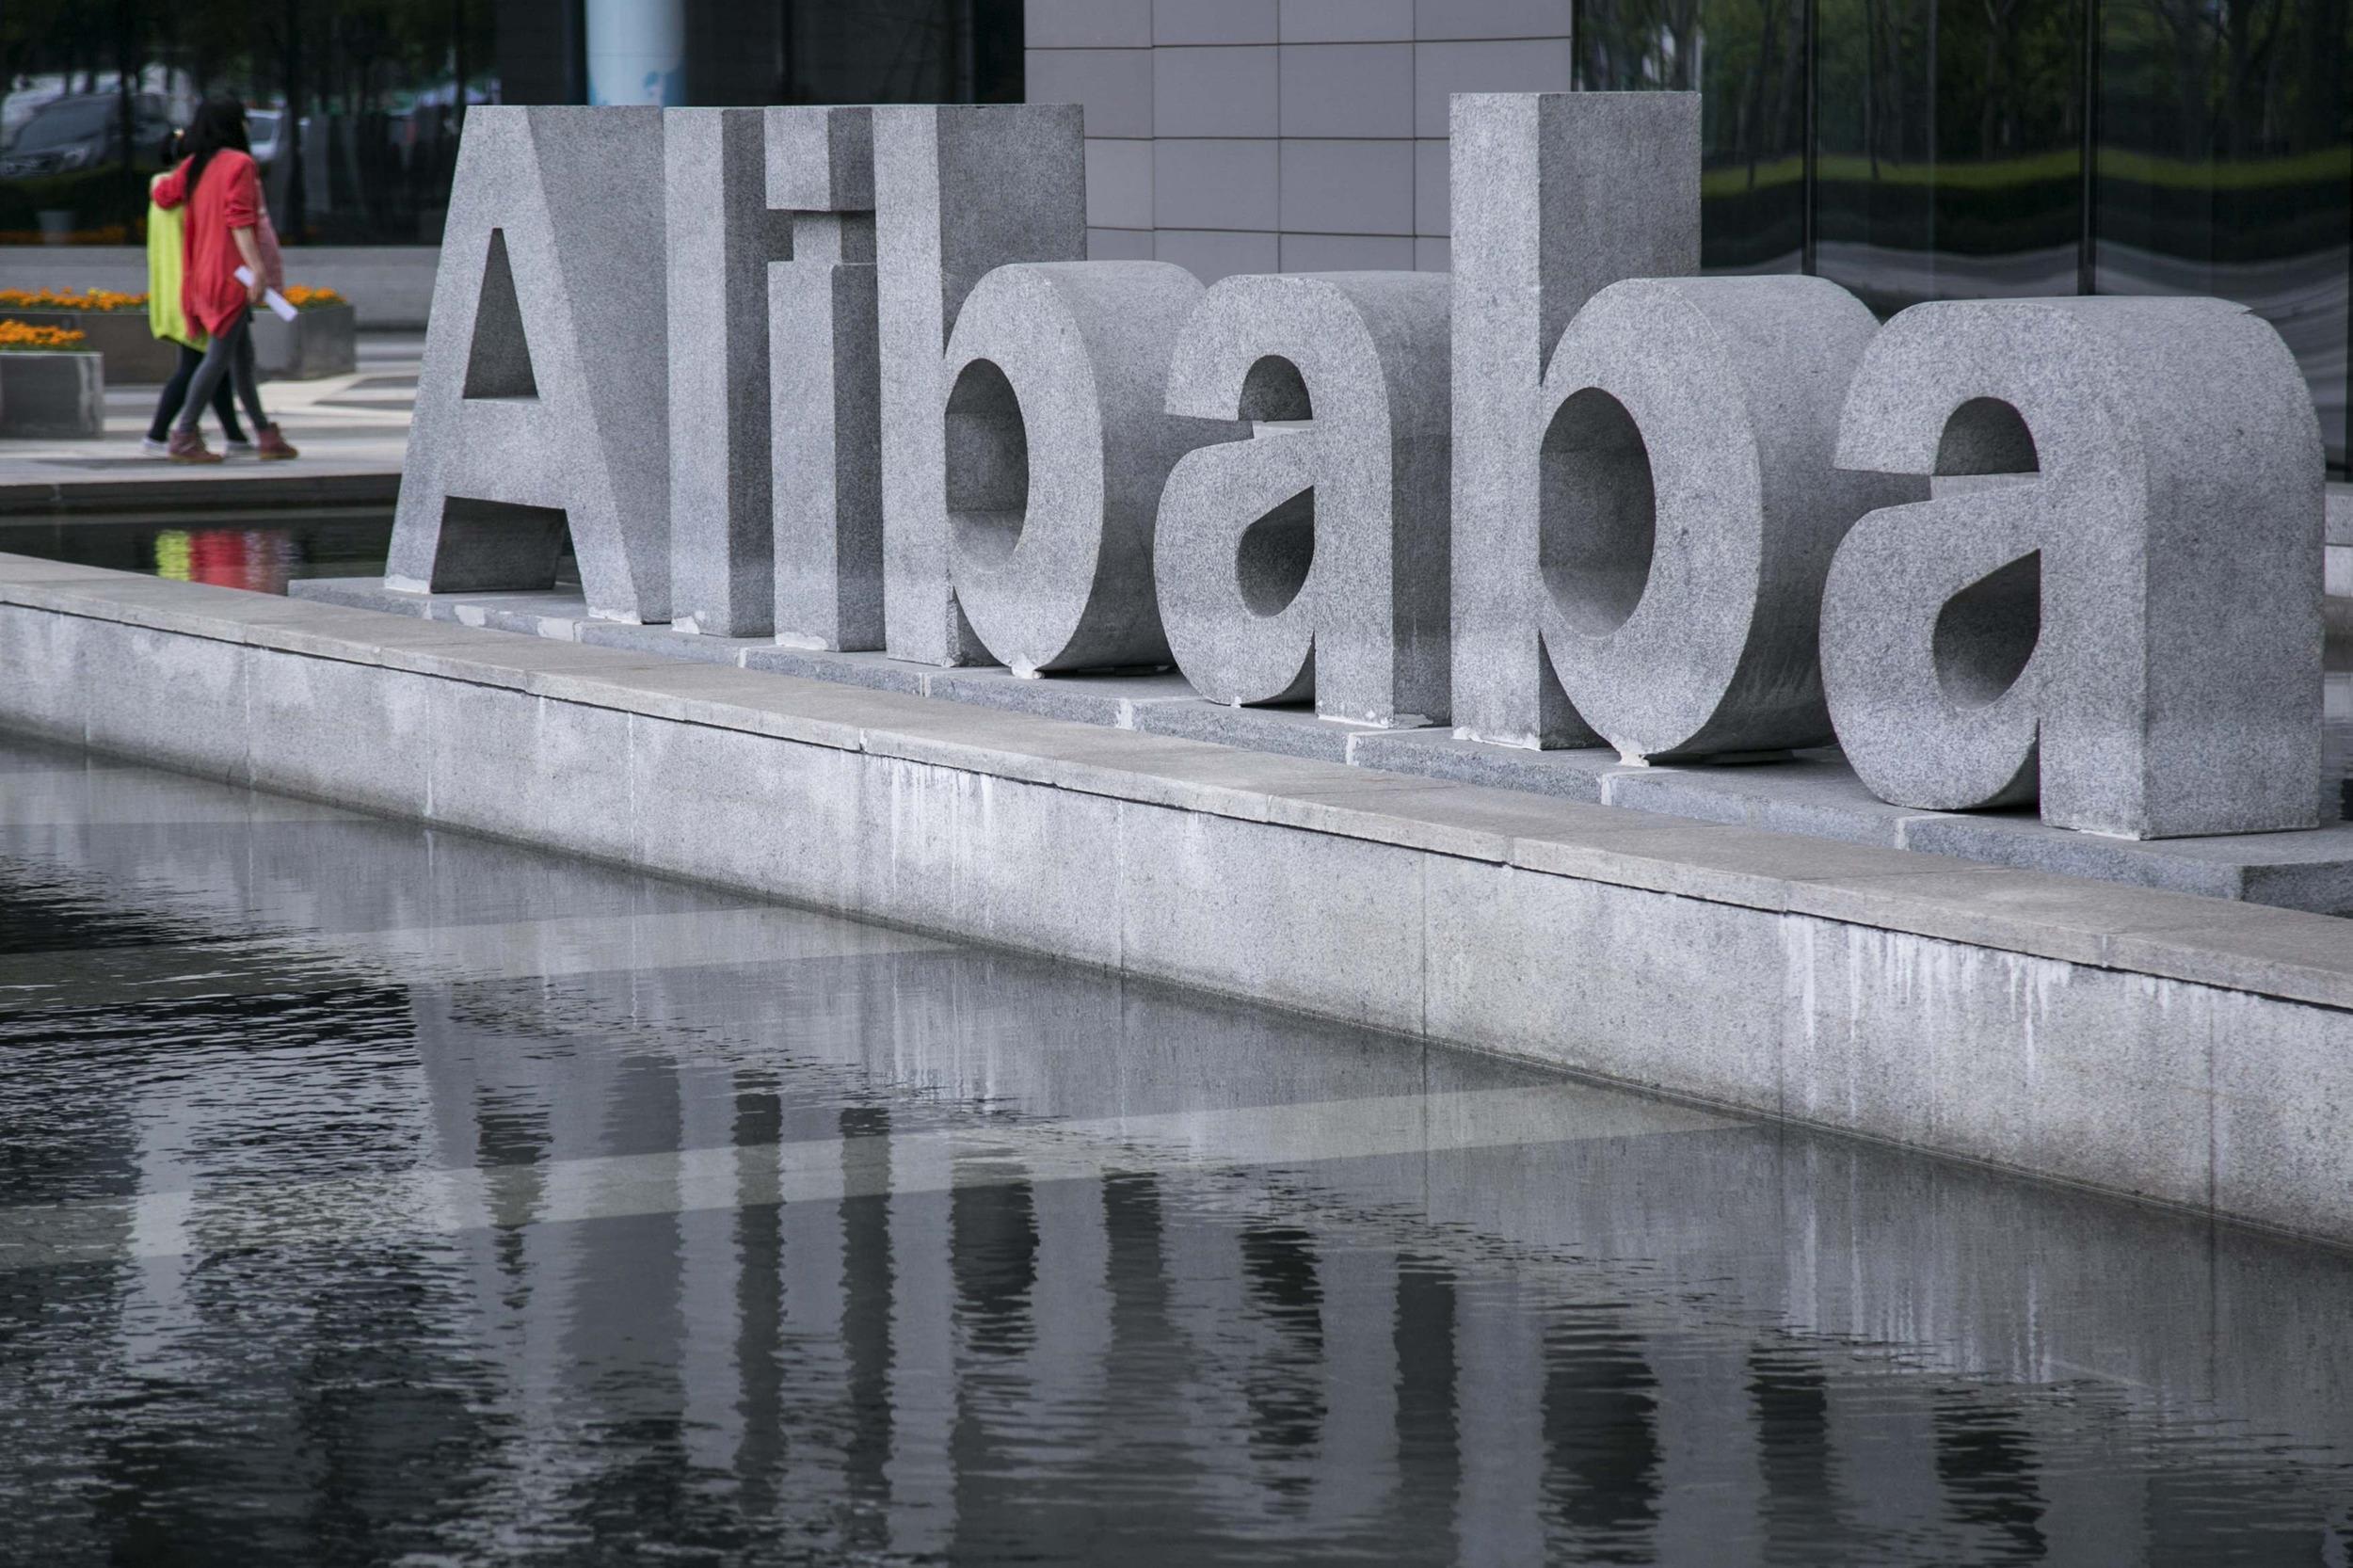 印度时报:阿里欲收购电商平台ShopClues 直接挑战亚马逊-竺道